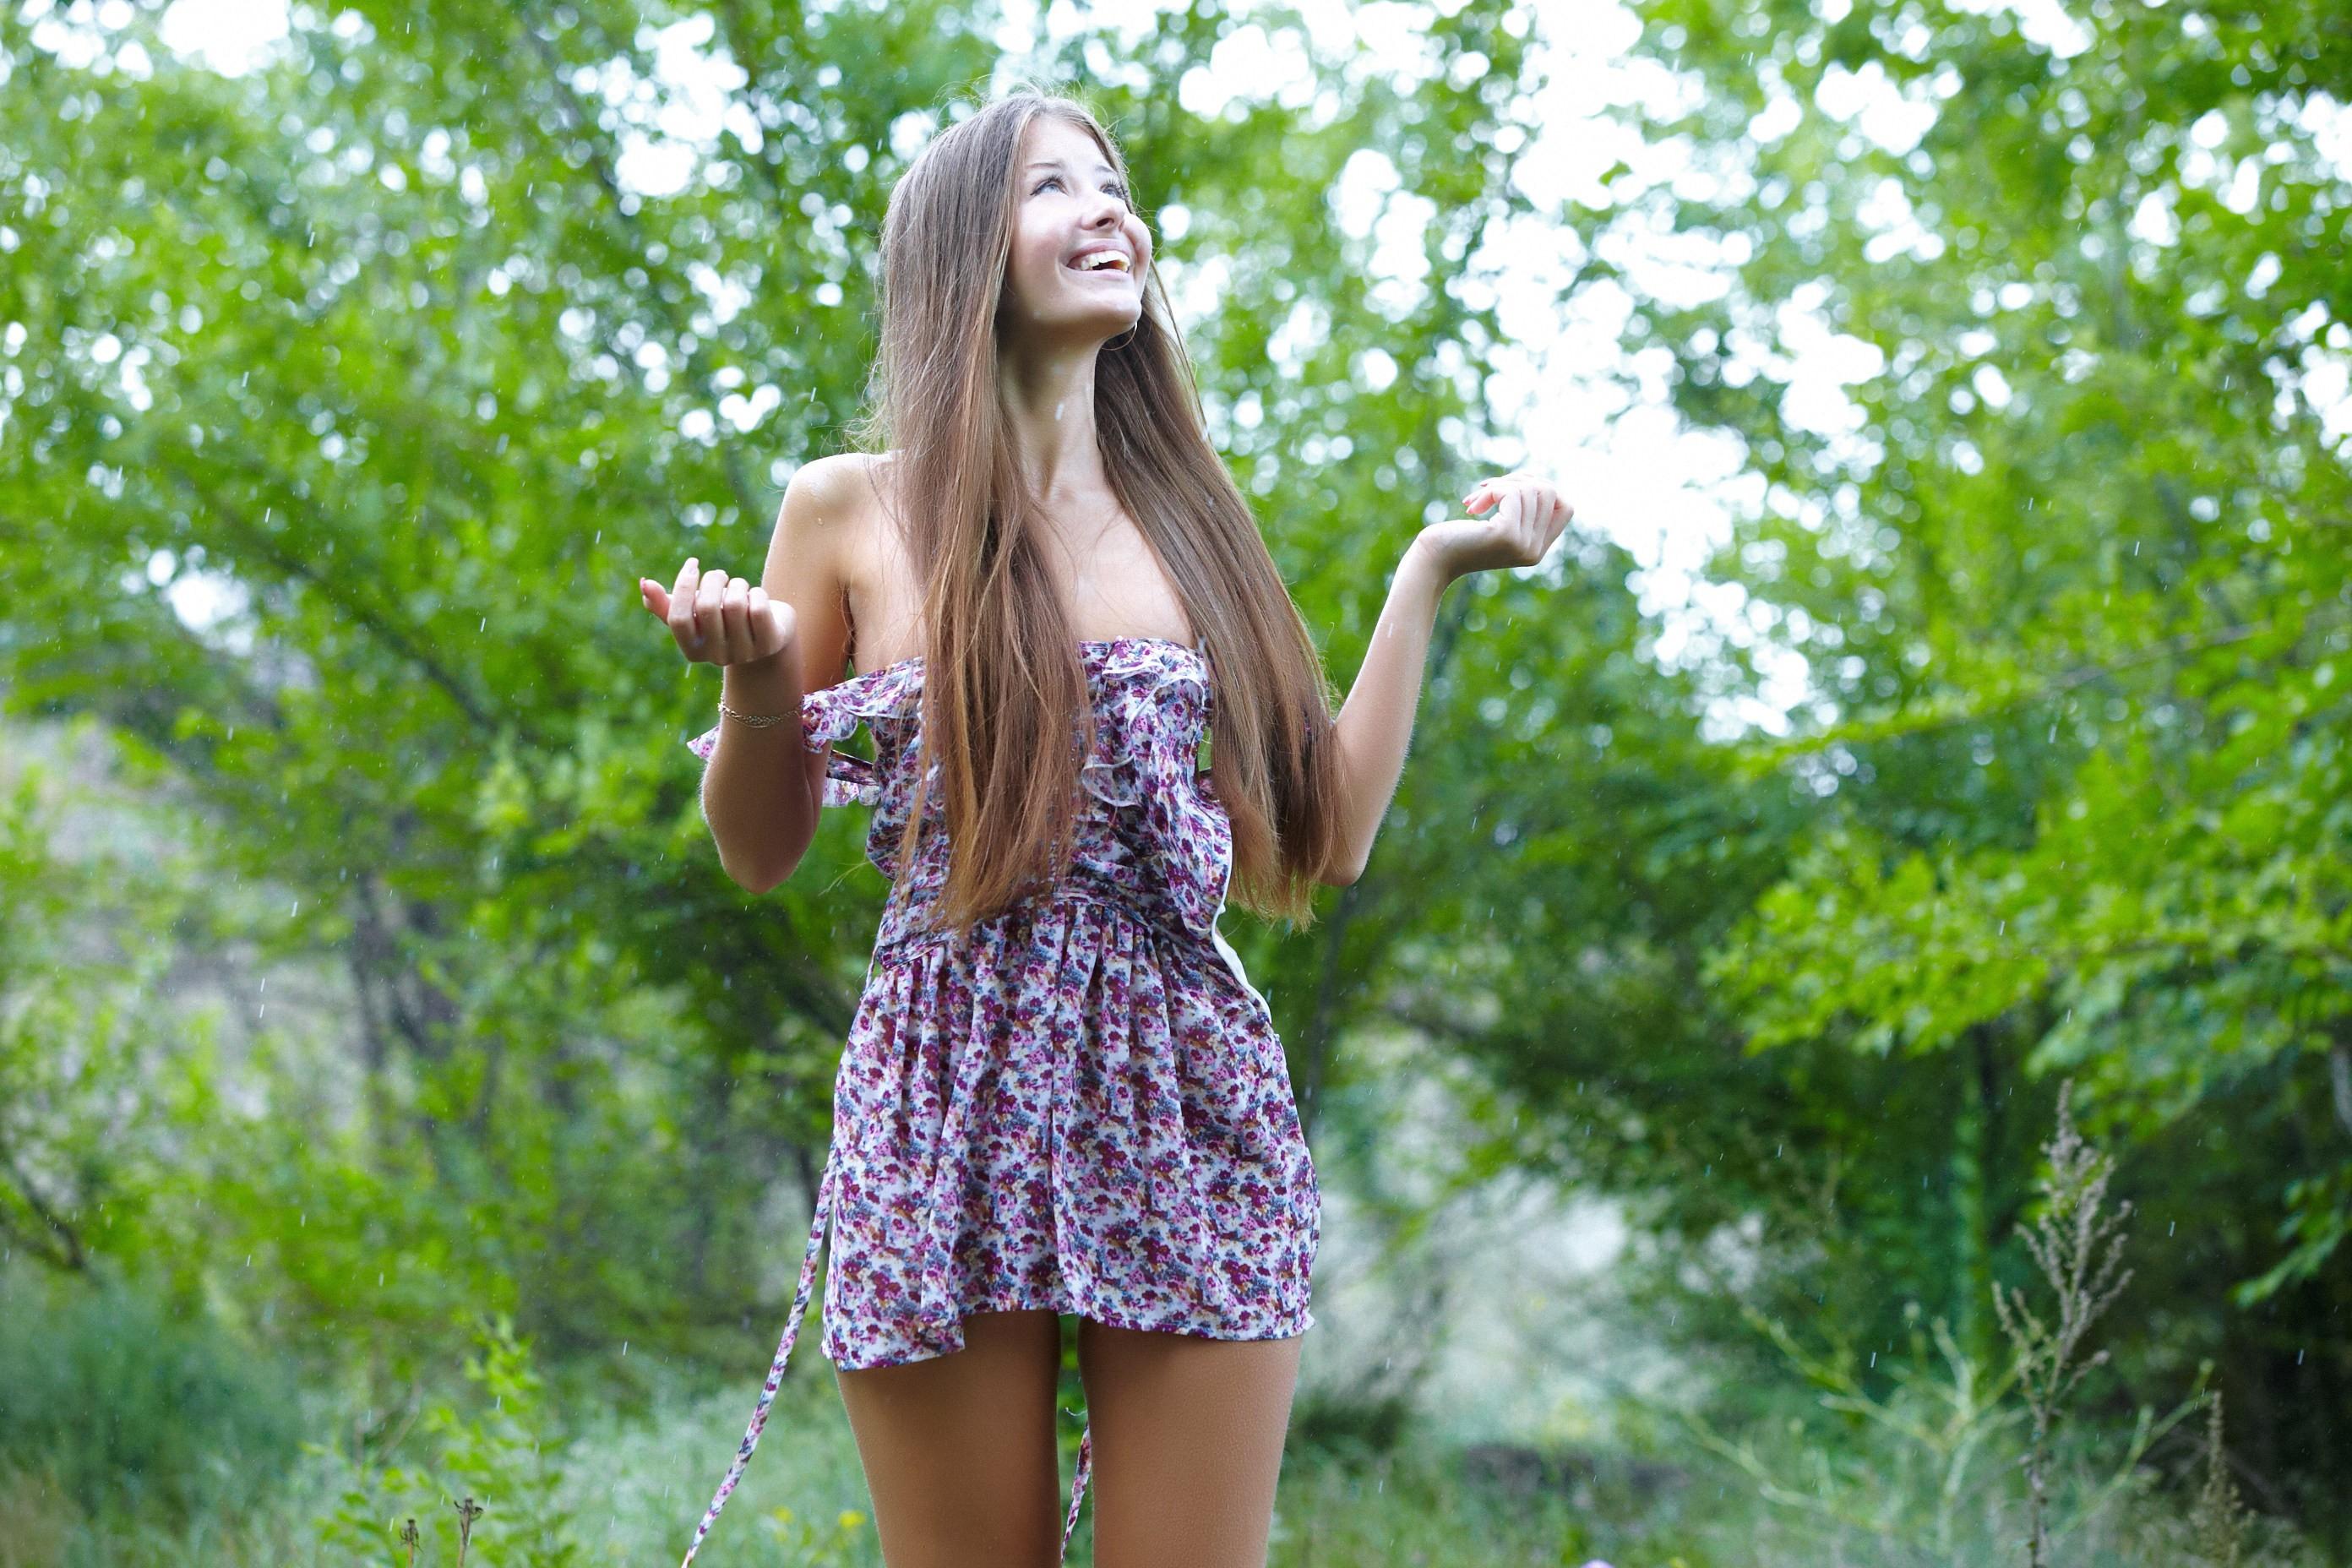 Фото девушка в парке летом русые волосы